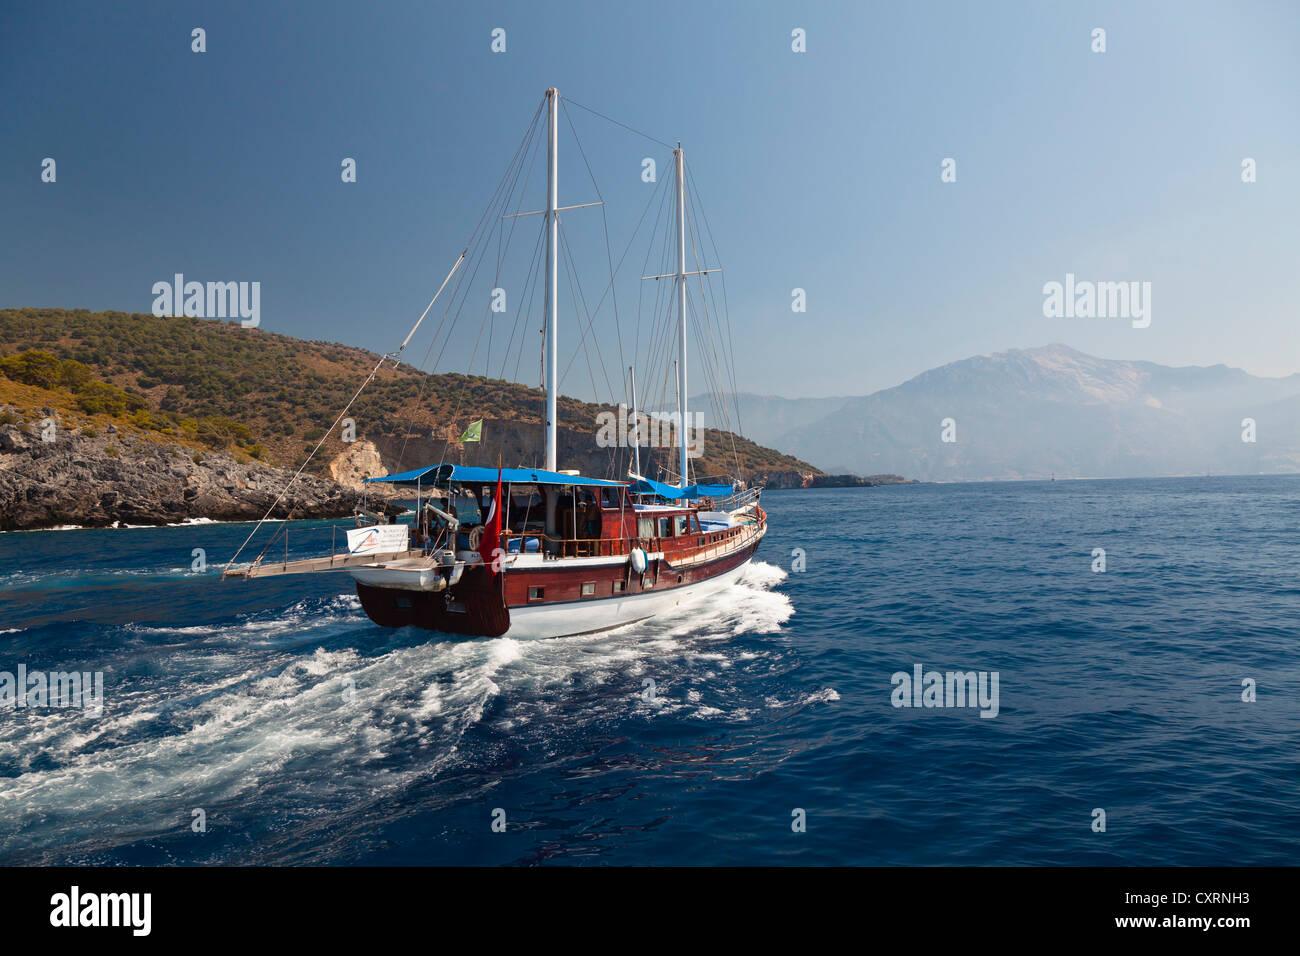 Navegando a lo largo de la costa de Licio, Licia, el Mar Mediterráneo, Turquía, Europa, Asia Menor Foto de stock